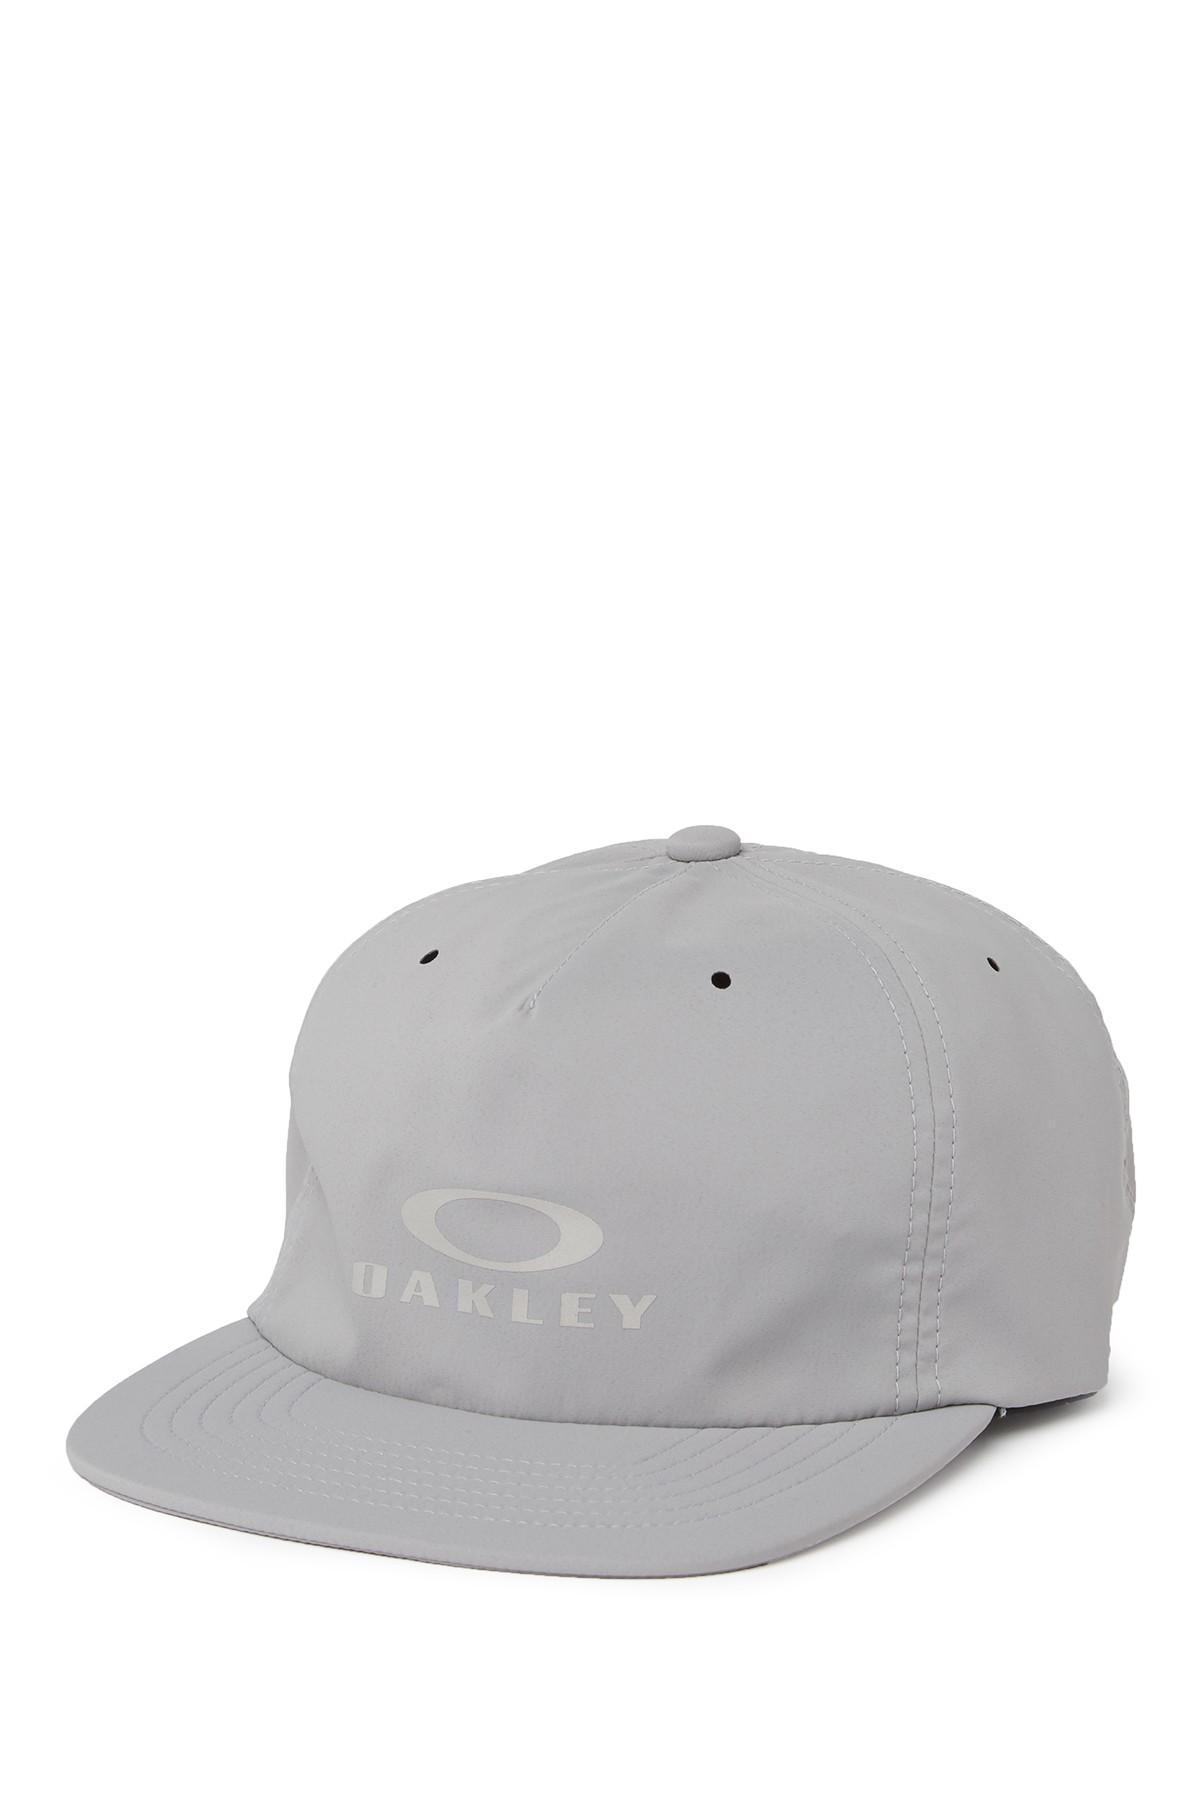 c0024351a6d4e Lyst - Oakley Lower Tech 110 Hat in Gray for Men